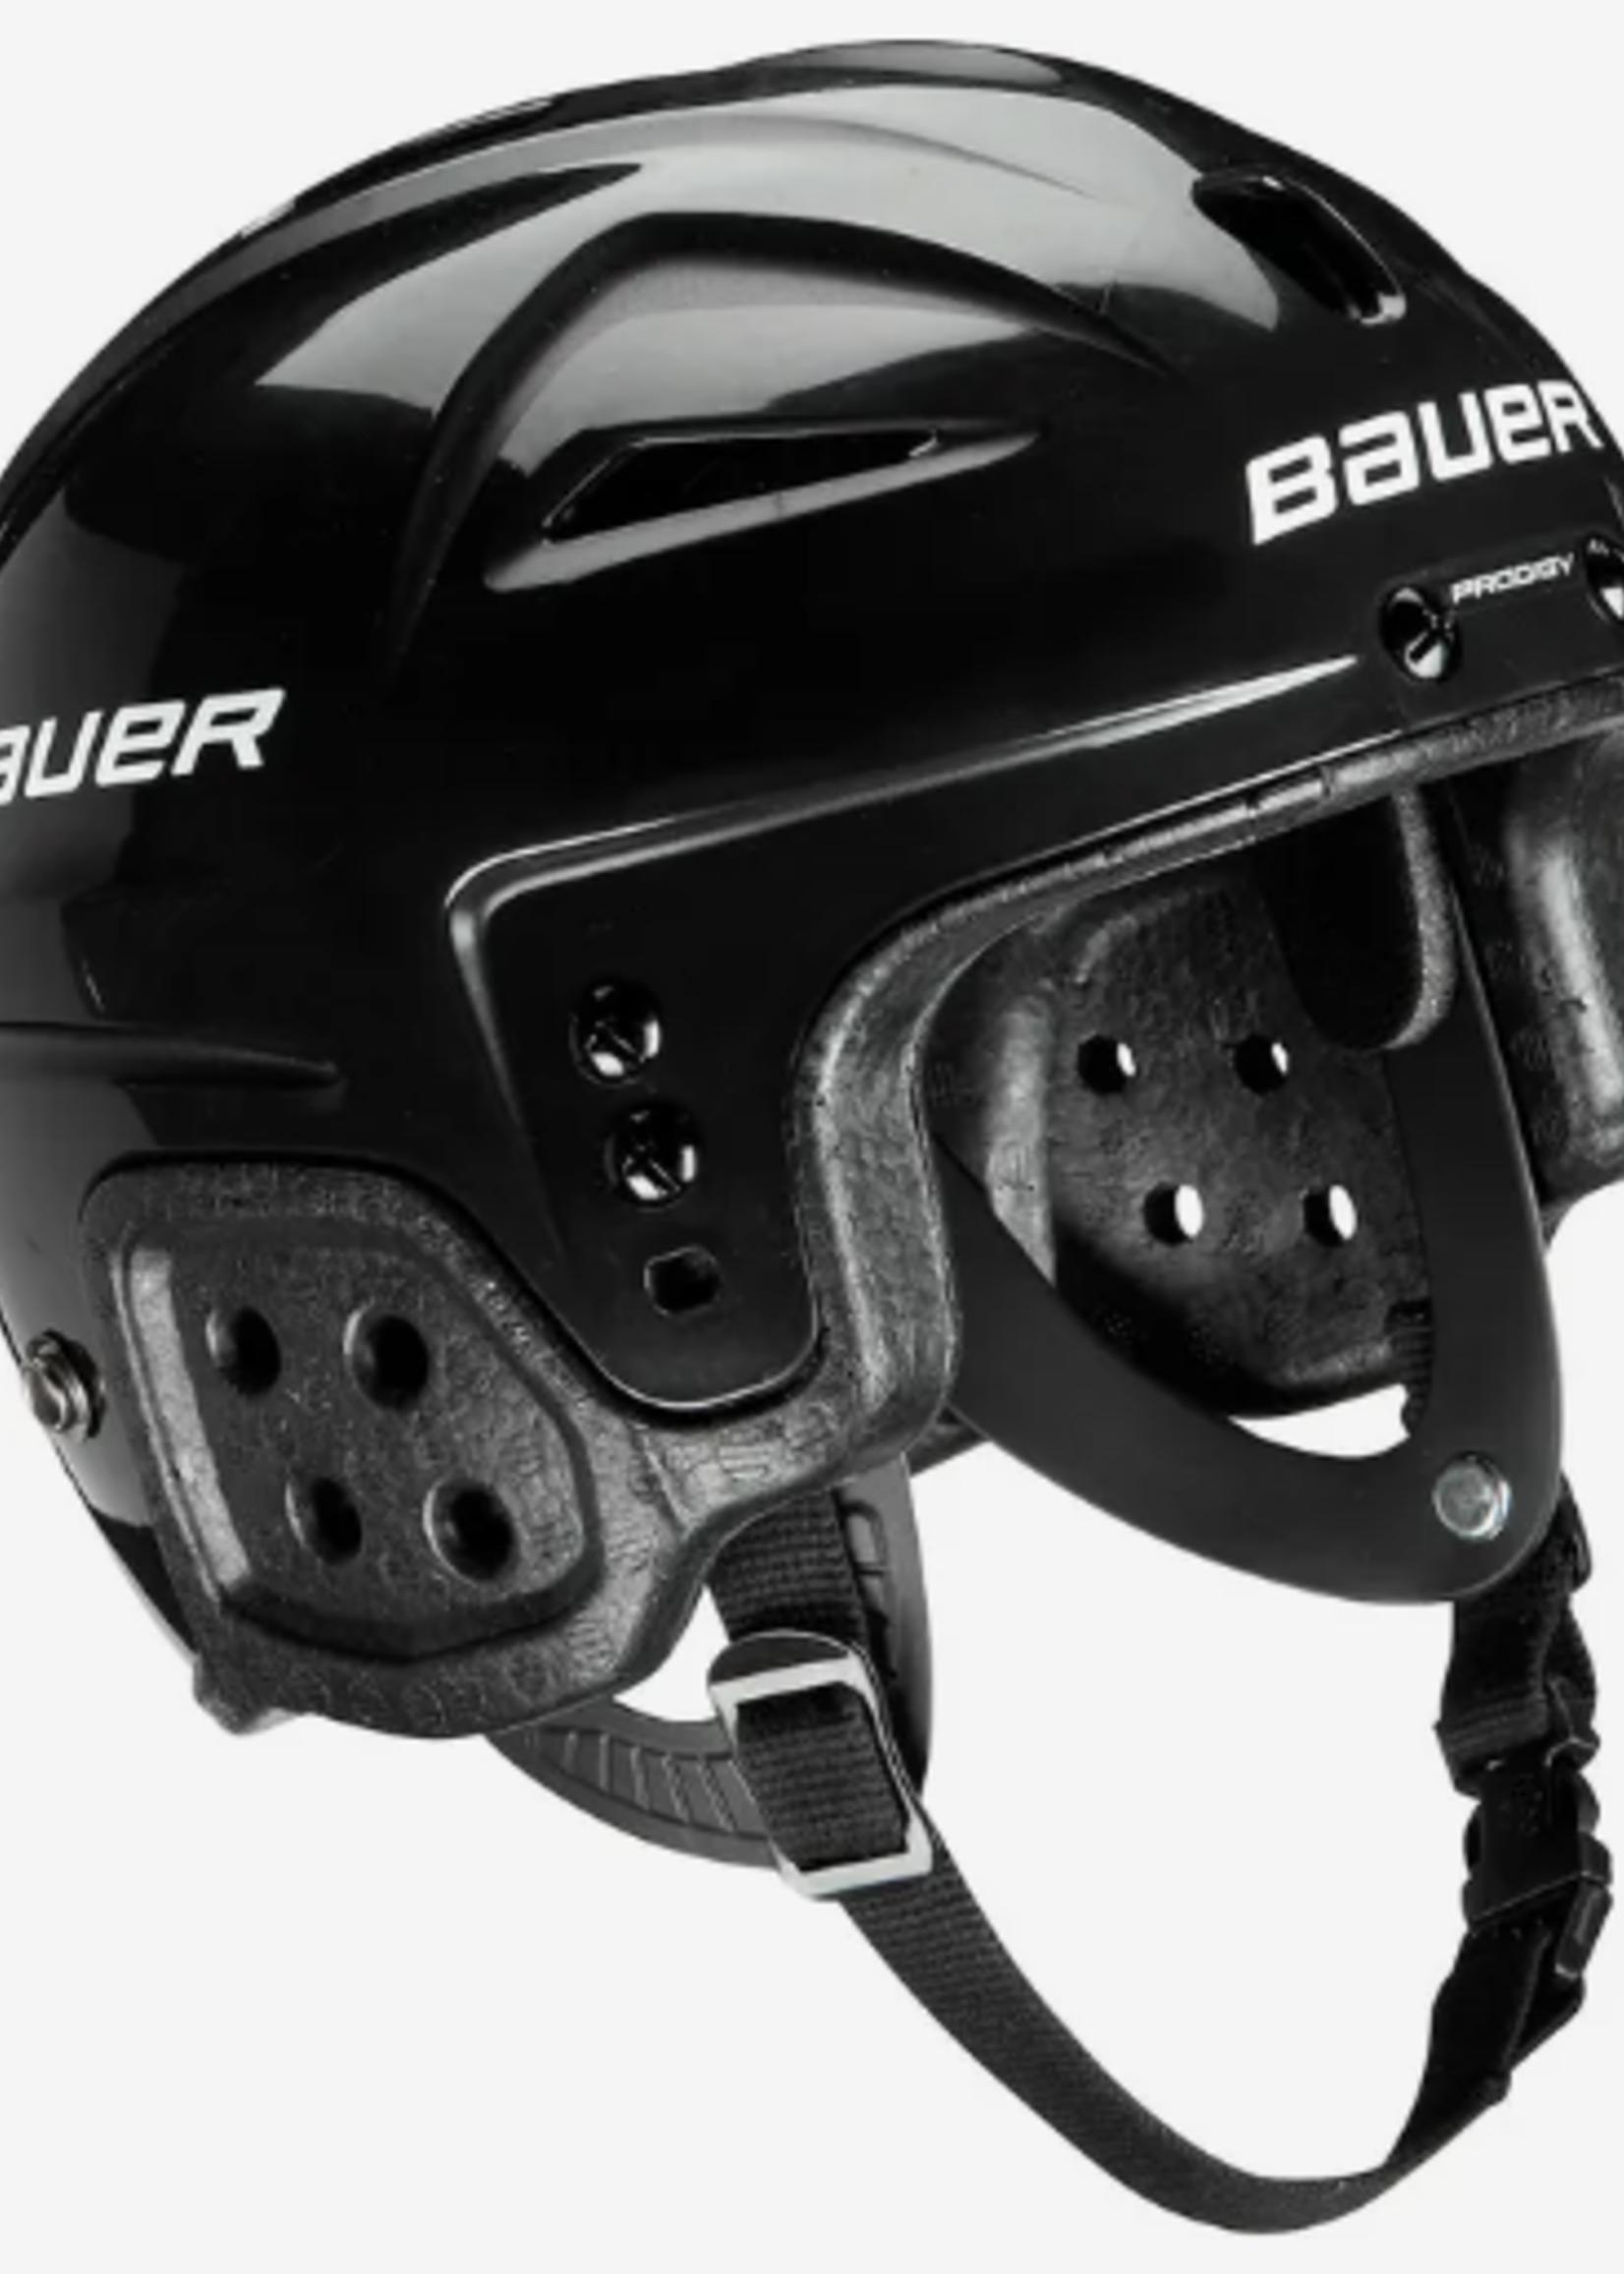 Bauer Lil Sport Yth Helmet